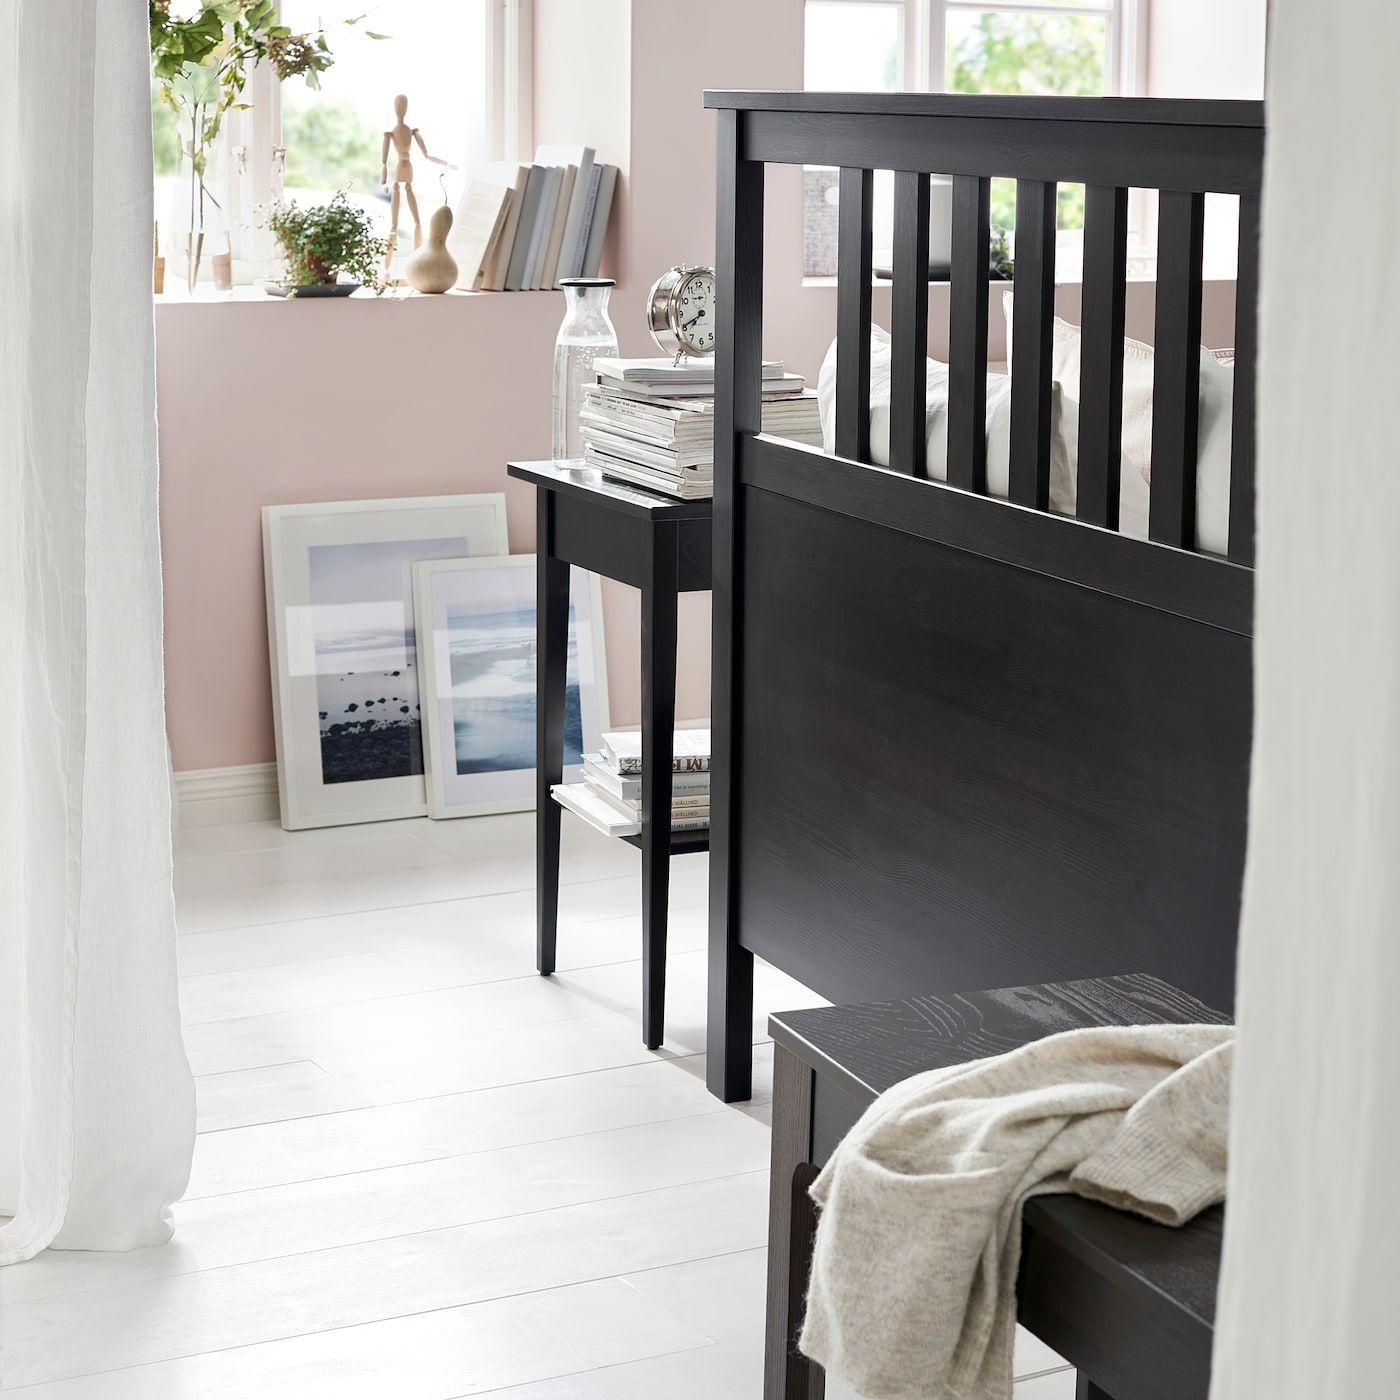 Hemnes Bettgestell Schwarzbraun Leirsund Ikea Hemnes Bett Bettgestell Und Schlafzimmer Aufbewahrung